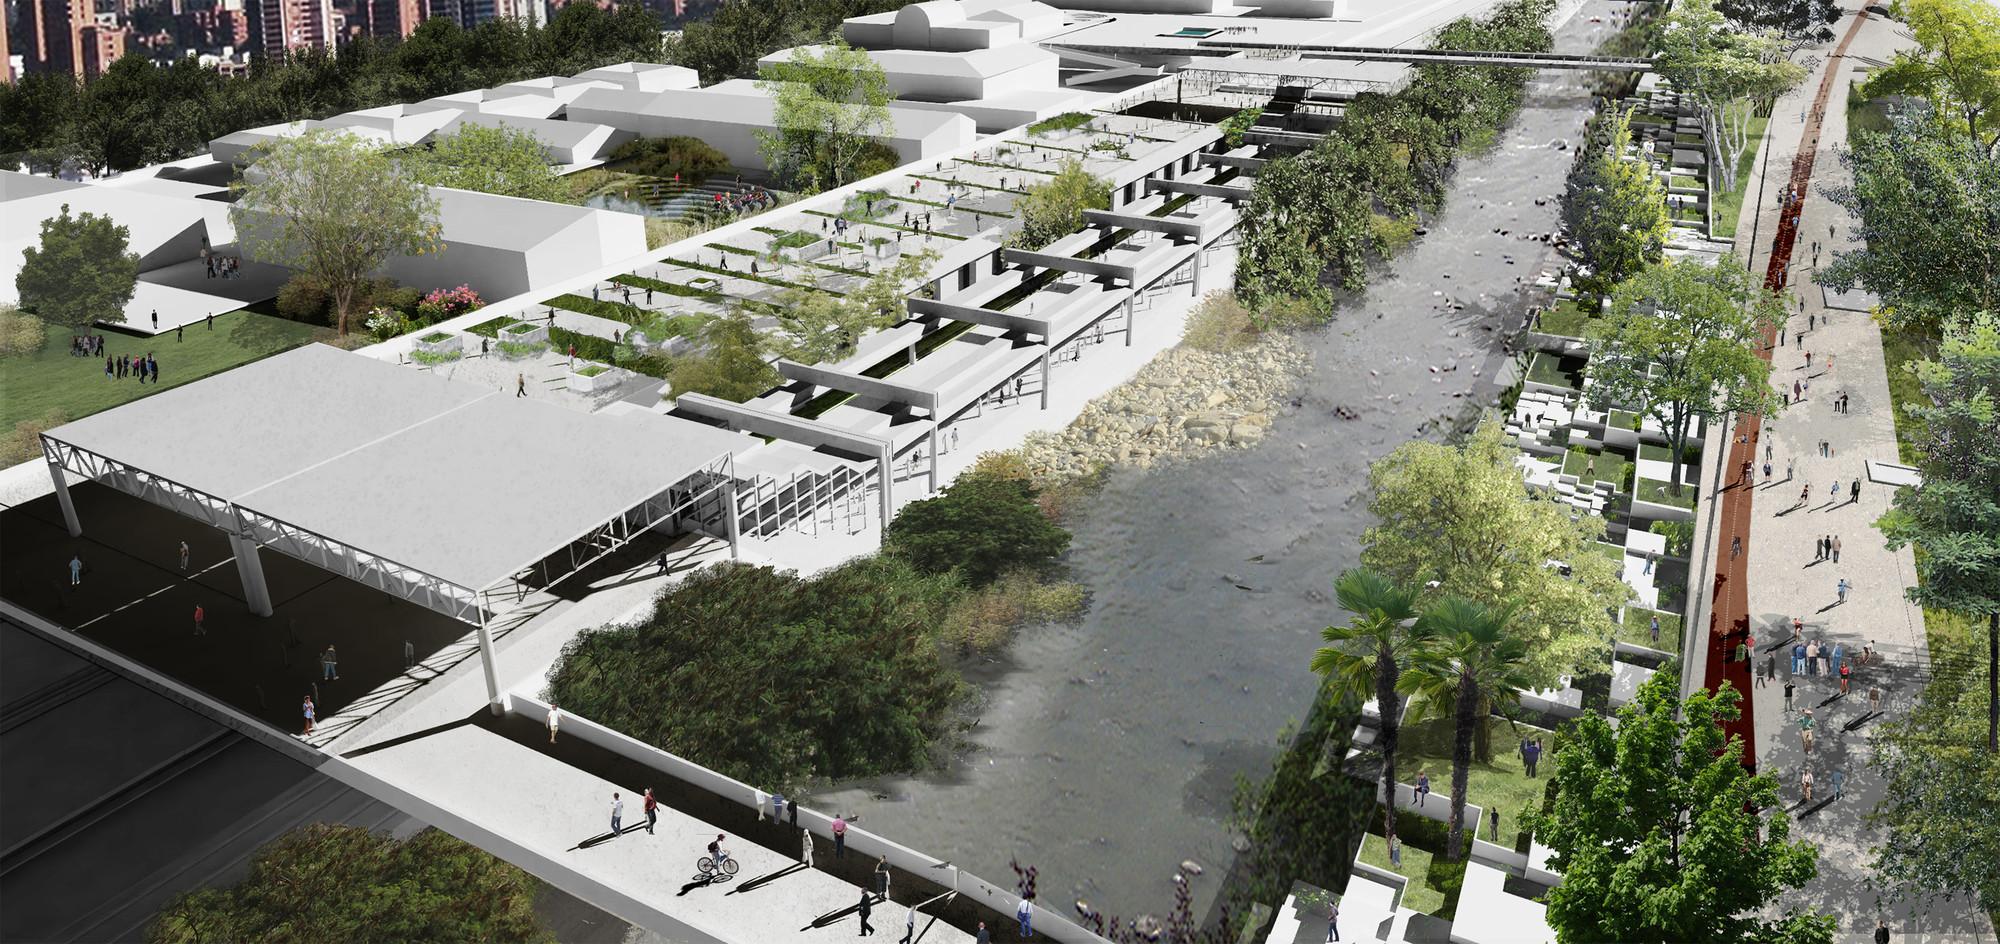 Parque Estación Poblado. Image Courtesy of Equipo Segundo Lugar